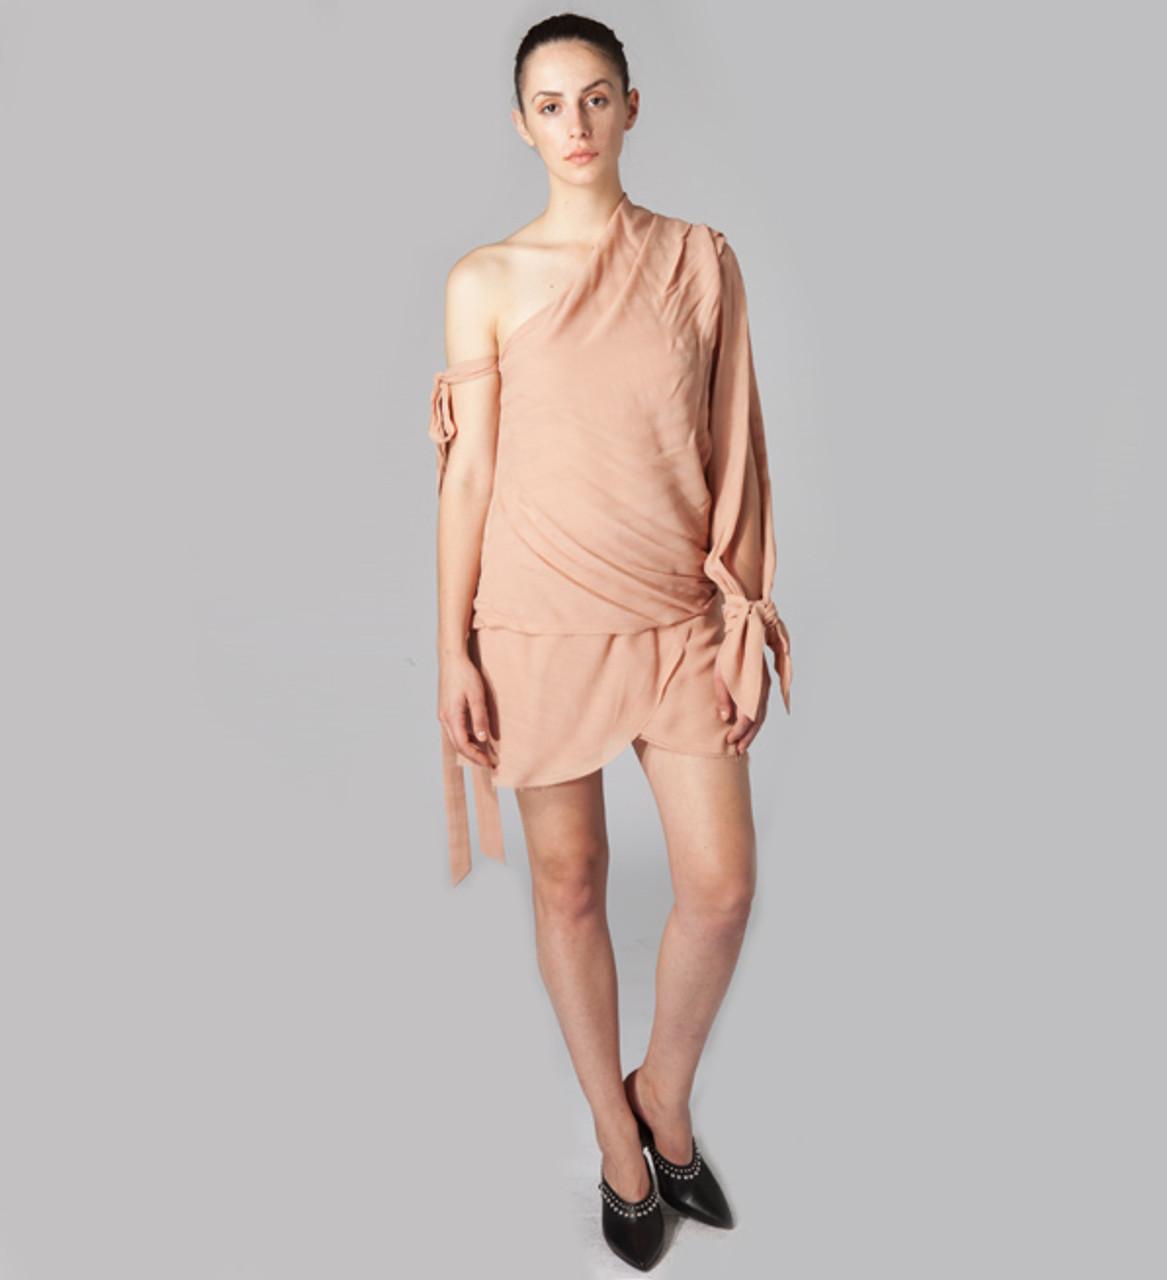 f09295e82da6 Bec & Bridge Rosewood Dress in Blush